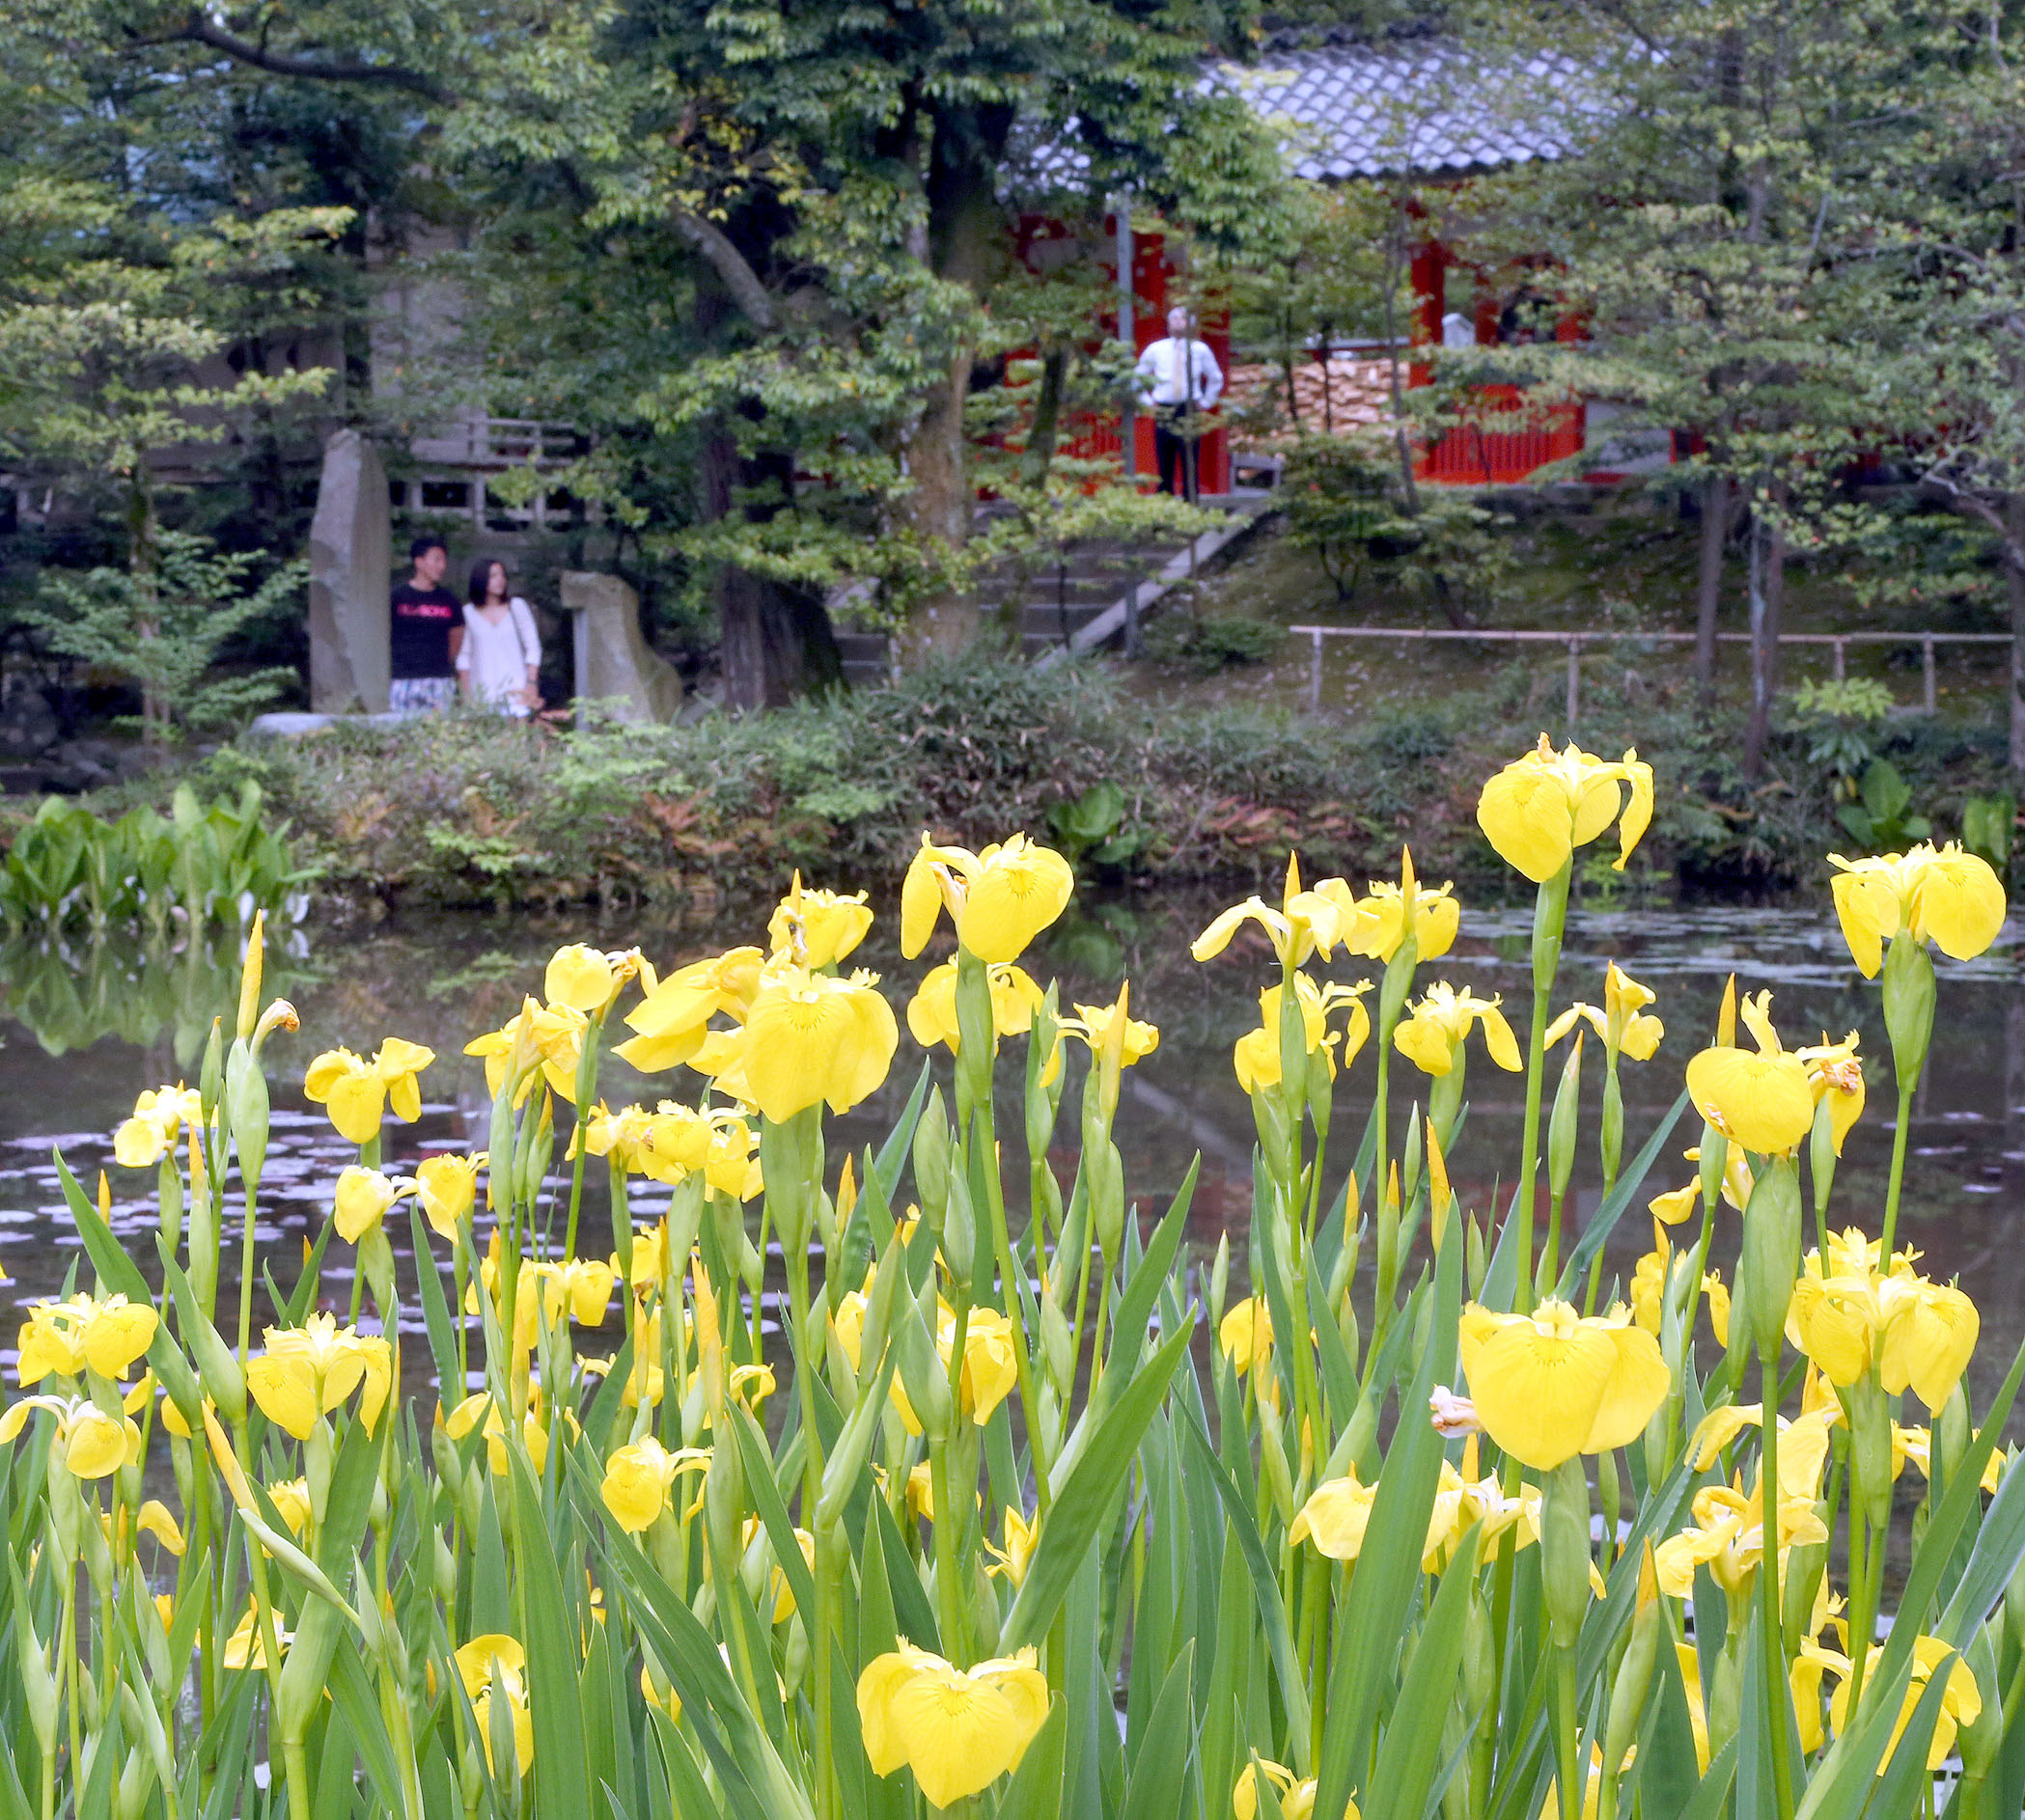 鮮やかな黄色の花を咲かせたキショウブ=兼六園